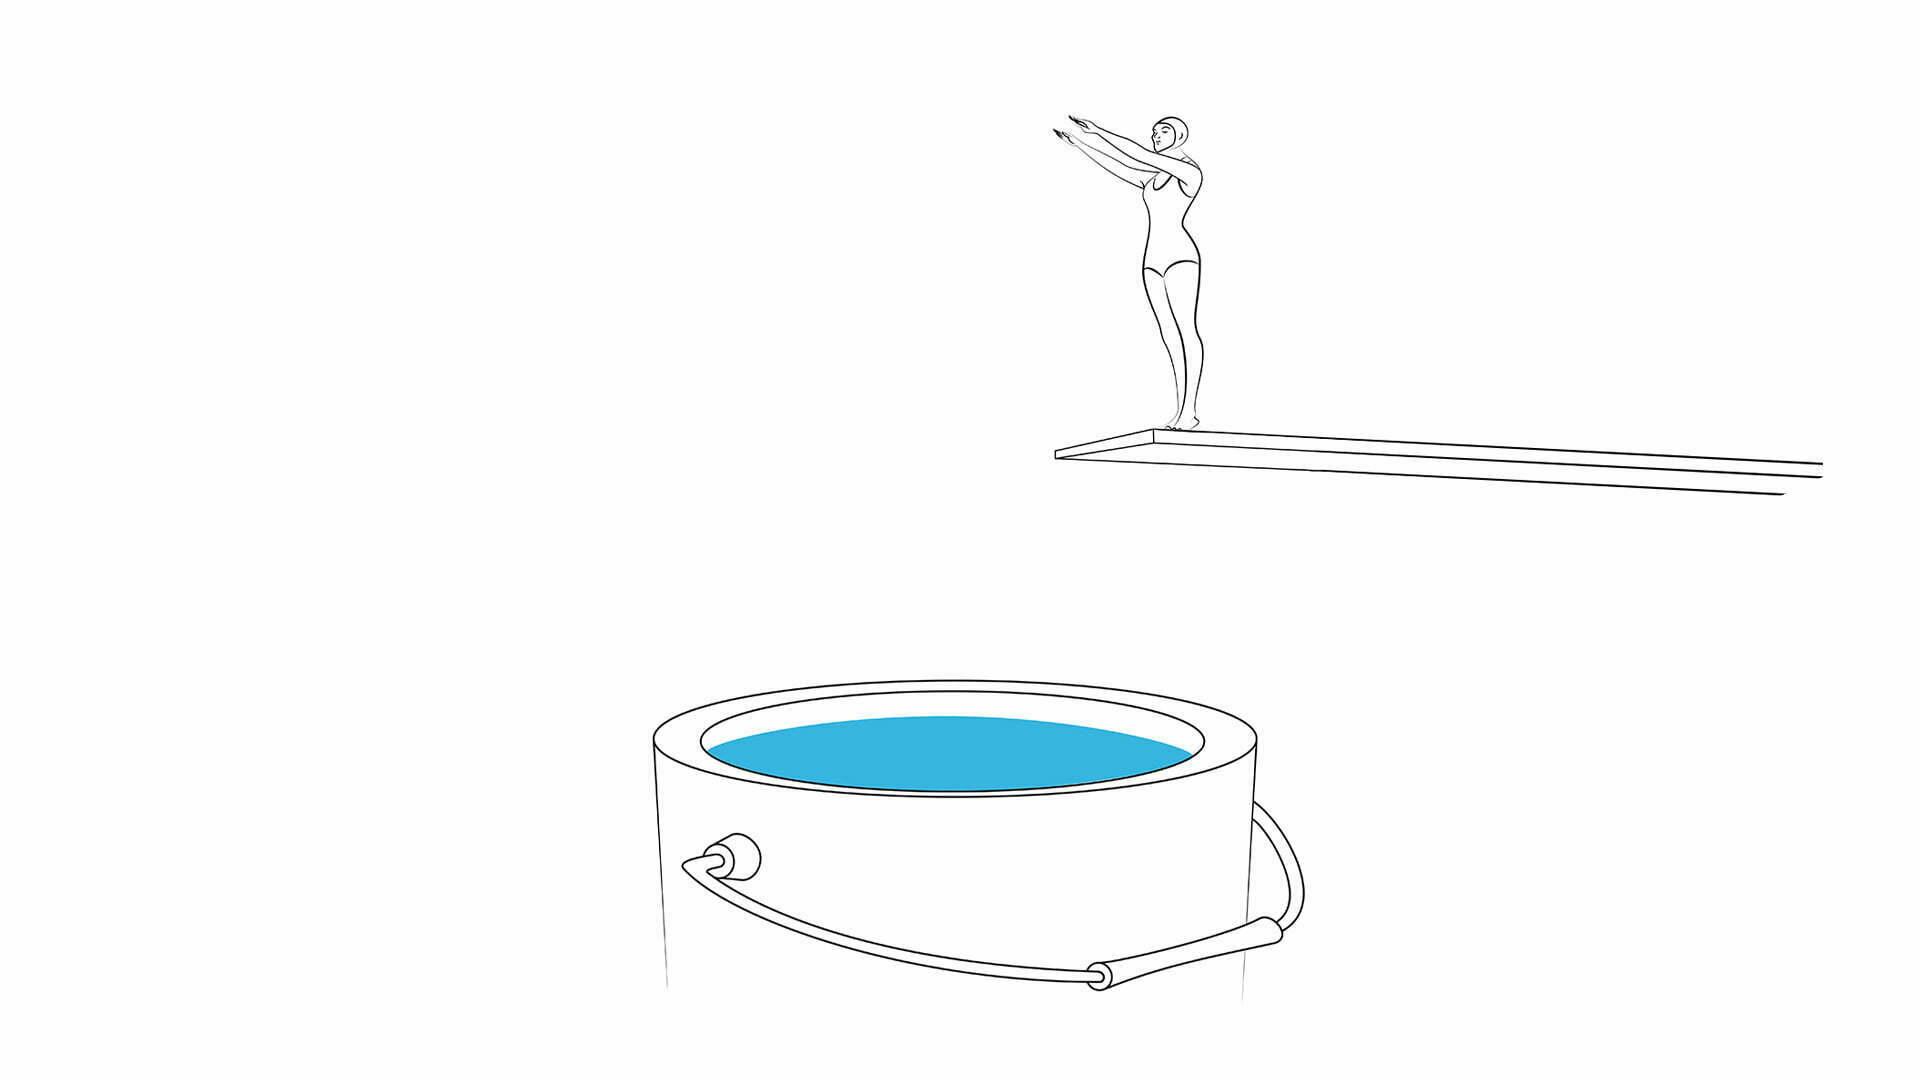 2D Illustration Line Art Paint Diving